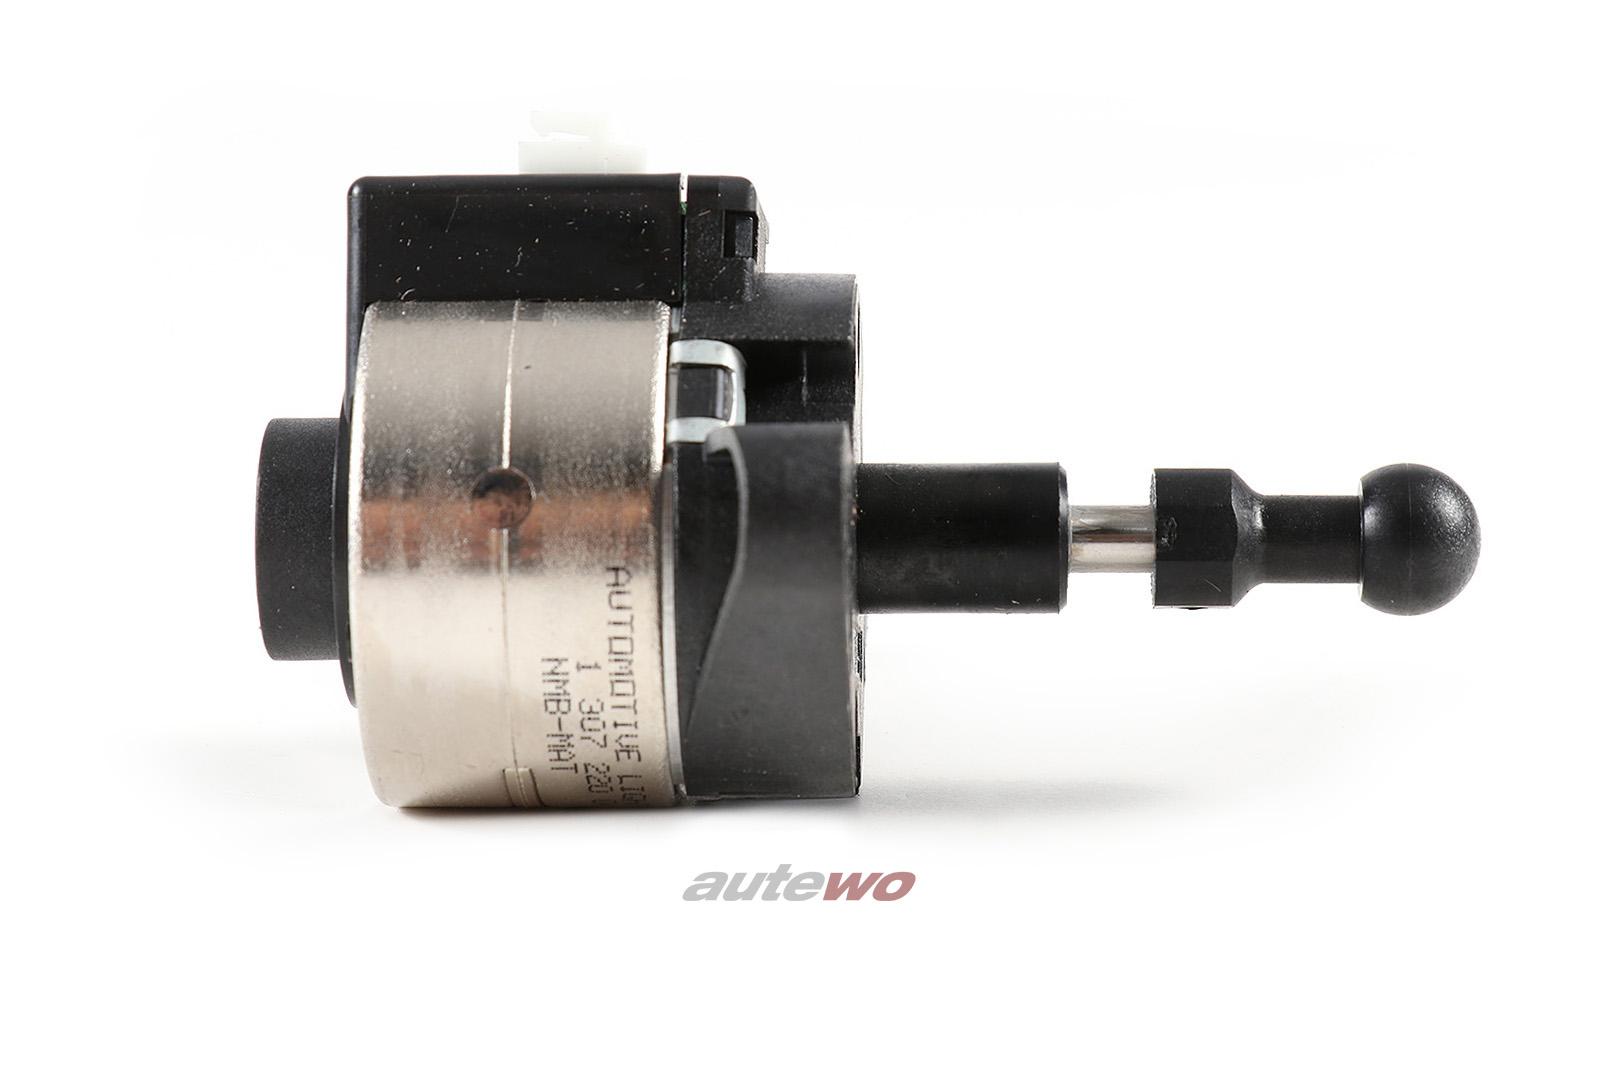 NEU&ORIGINAL Audi A3/S3 8P/A4/S4/RS4 8K/A5/S5/A7/RS7/TT Stellmotor Leuchtweitenr